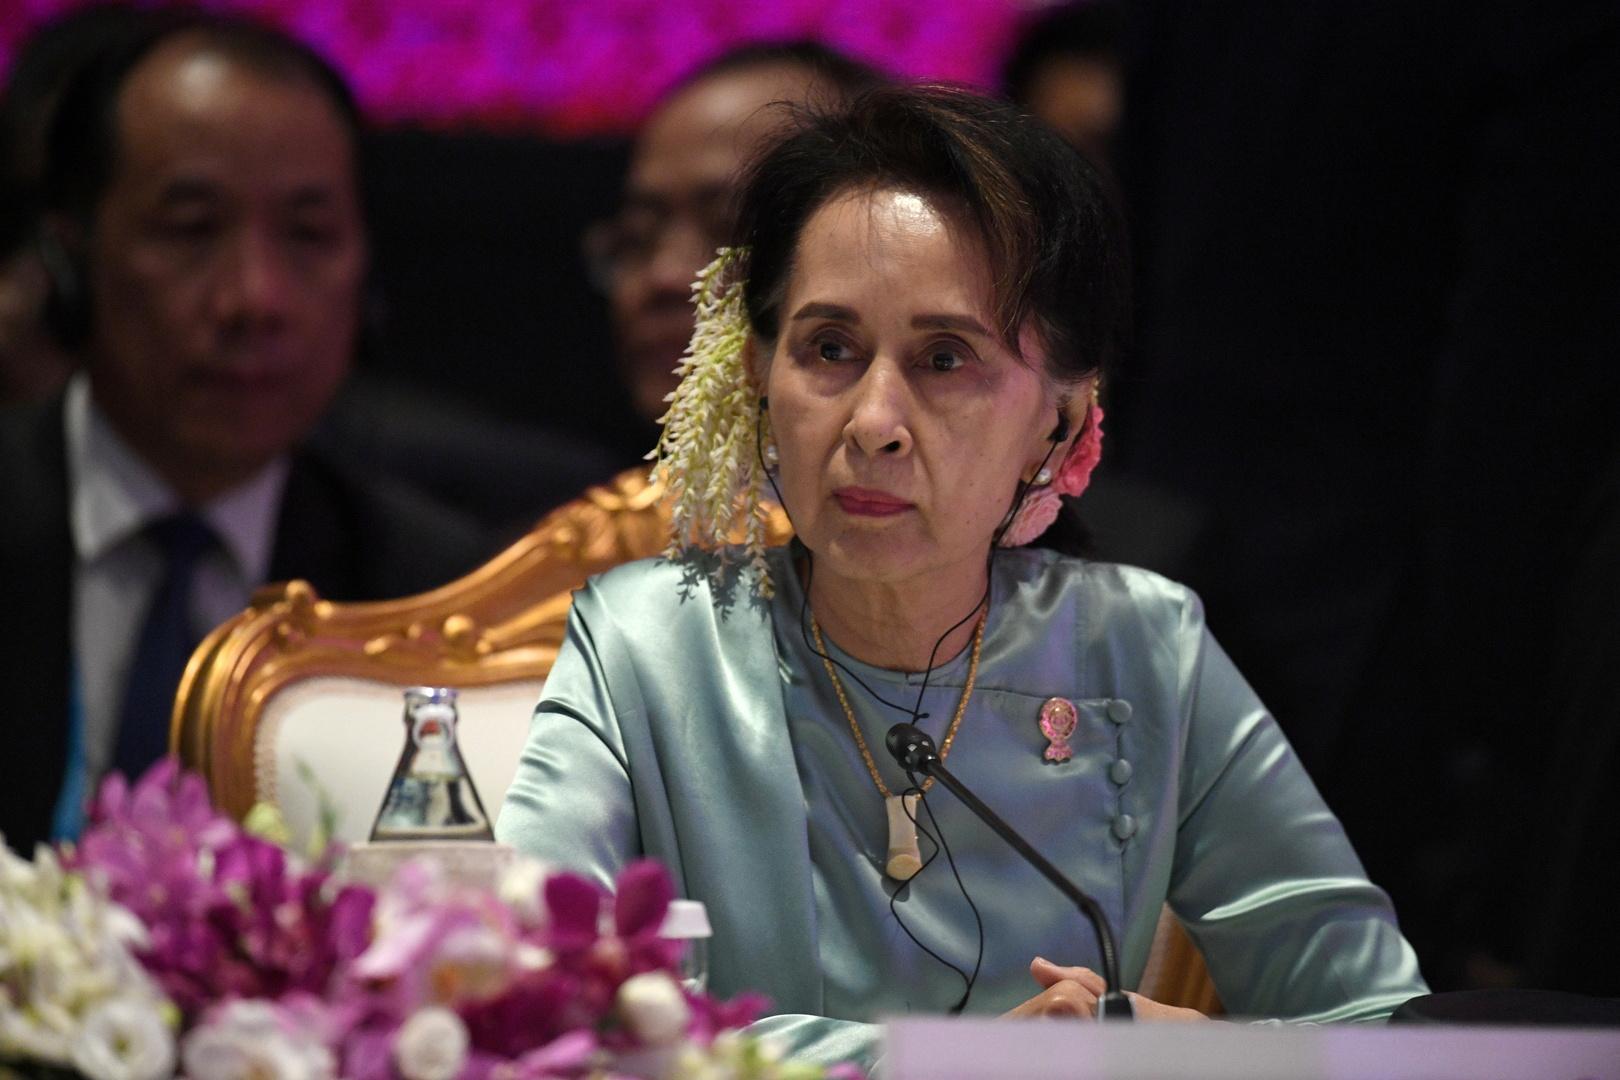 بدء محاكمة زعيمة ميانمار السابقة يوم الاثنين المقبل